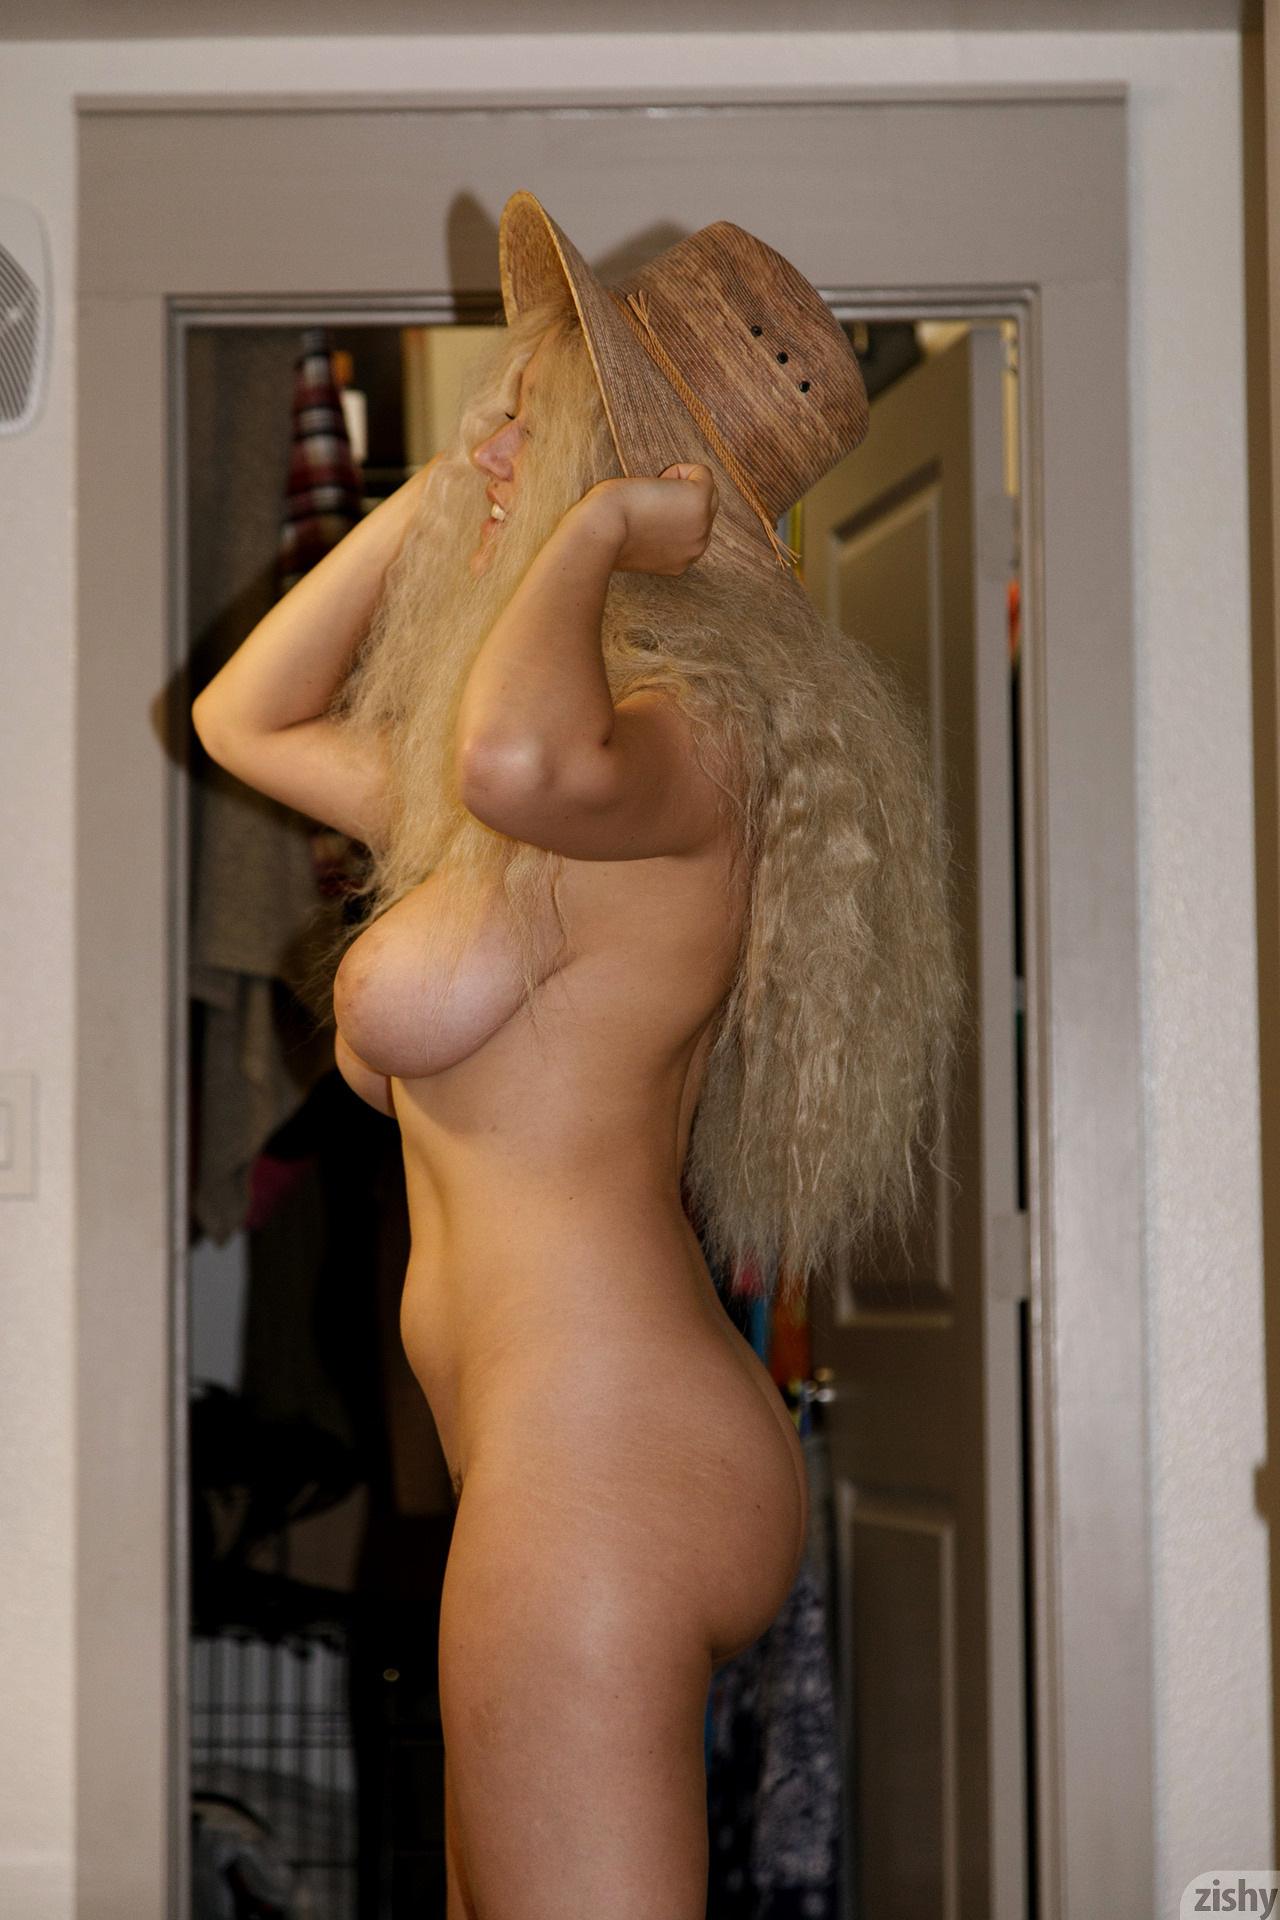 Sabrina Nichole Wigging Out Zishy (13)